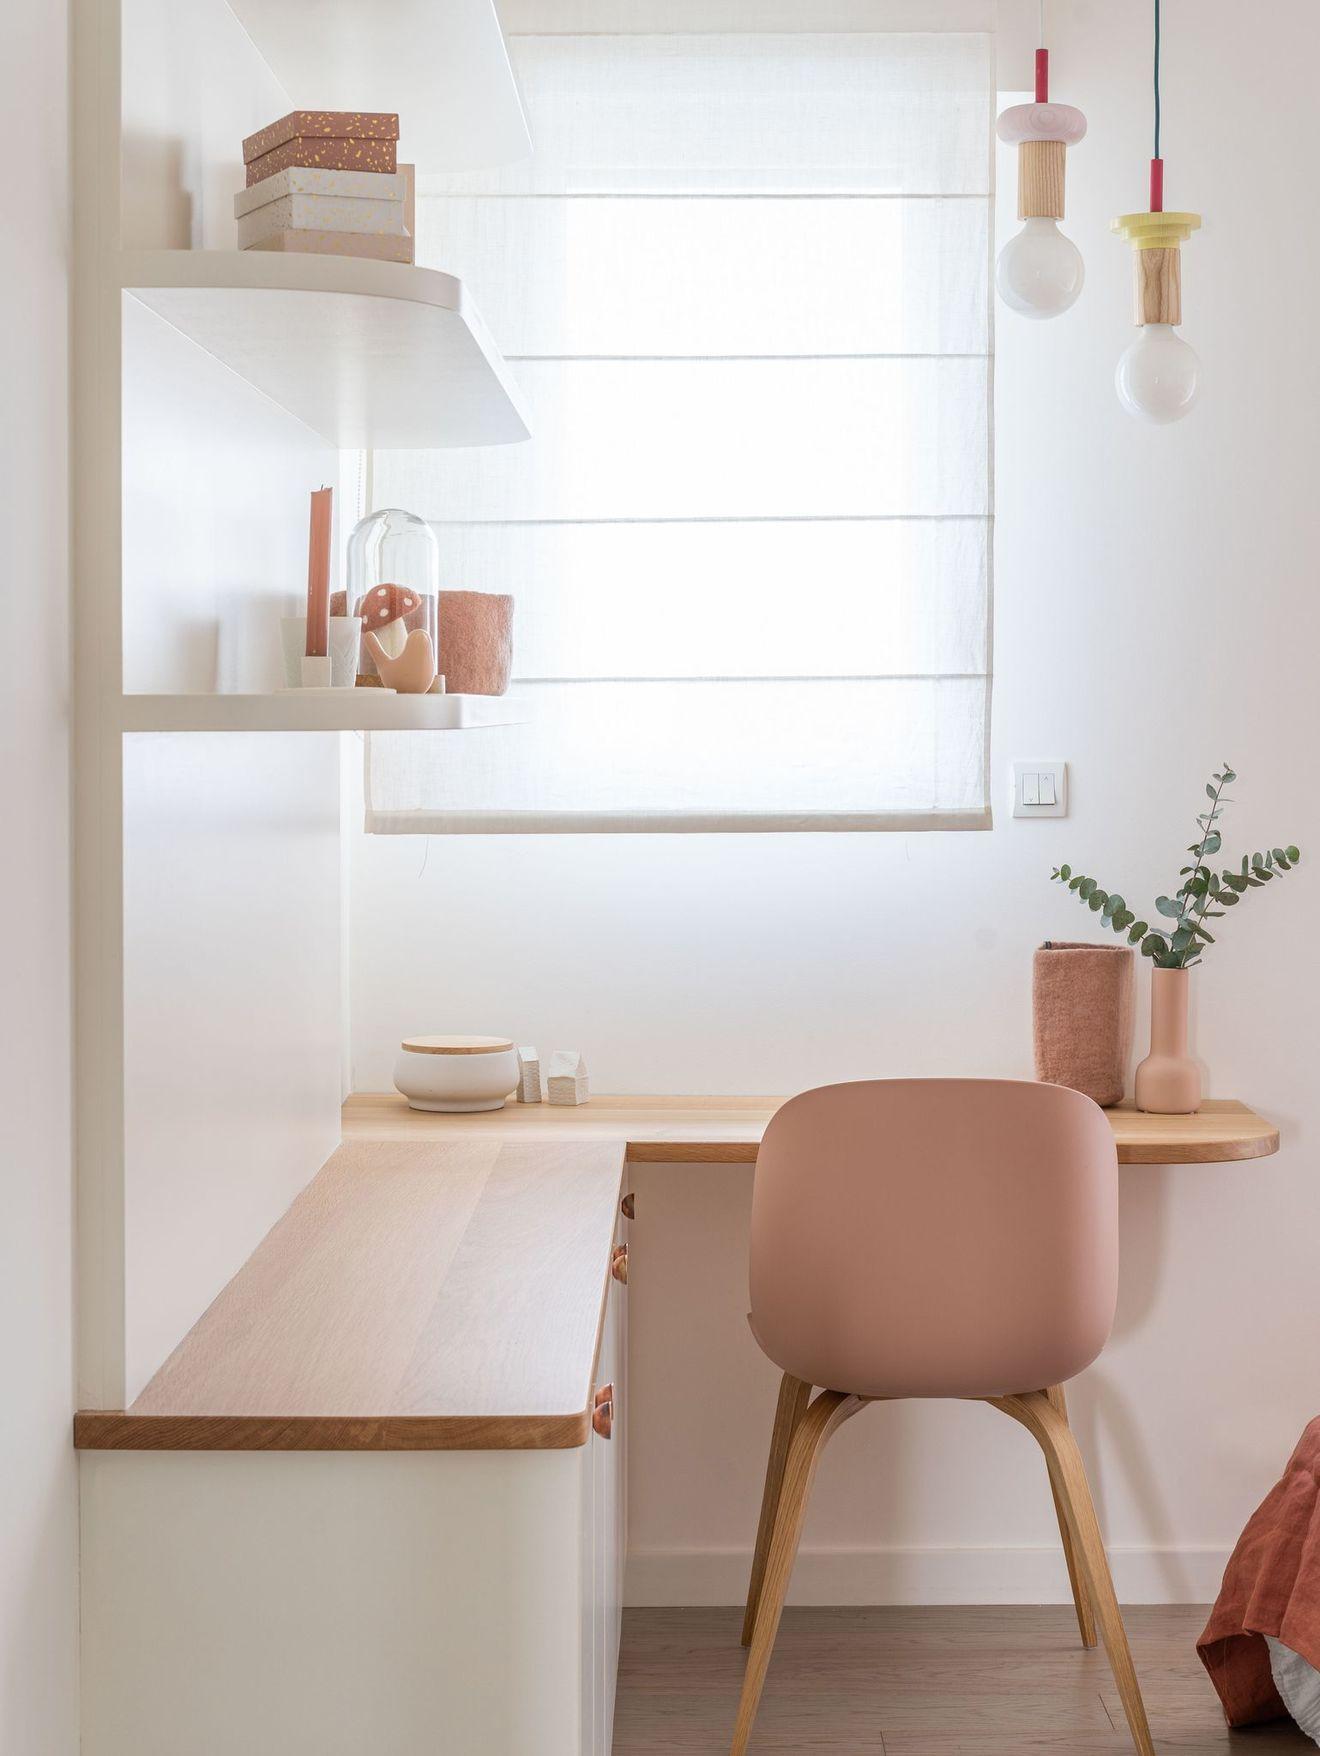 Maison Rennes Une Maison Recente Personnalisee Pour Une Famille En 2020 Maison Rennes Bureau Dans La Chambre Decoration Maison